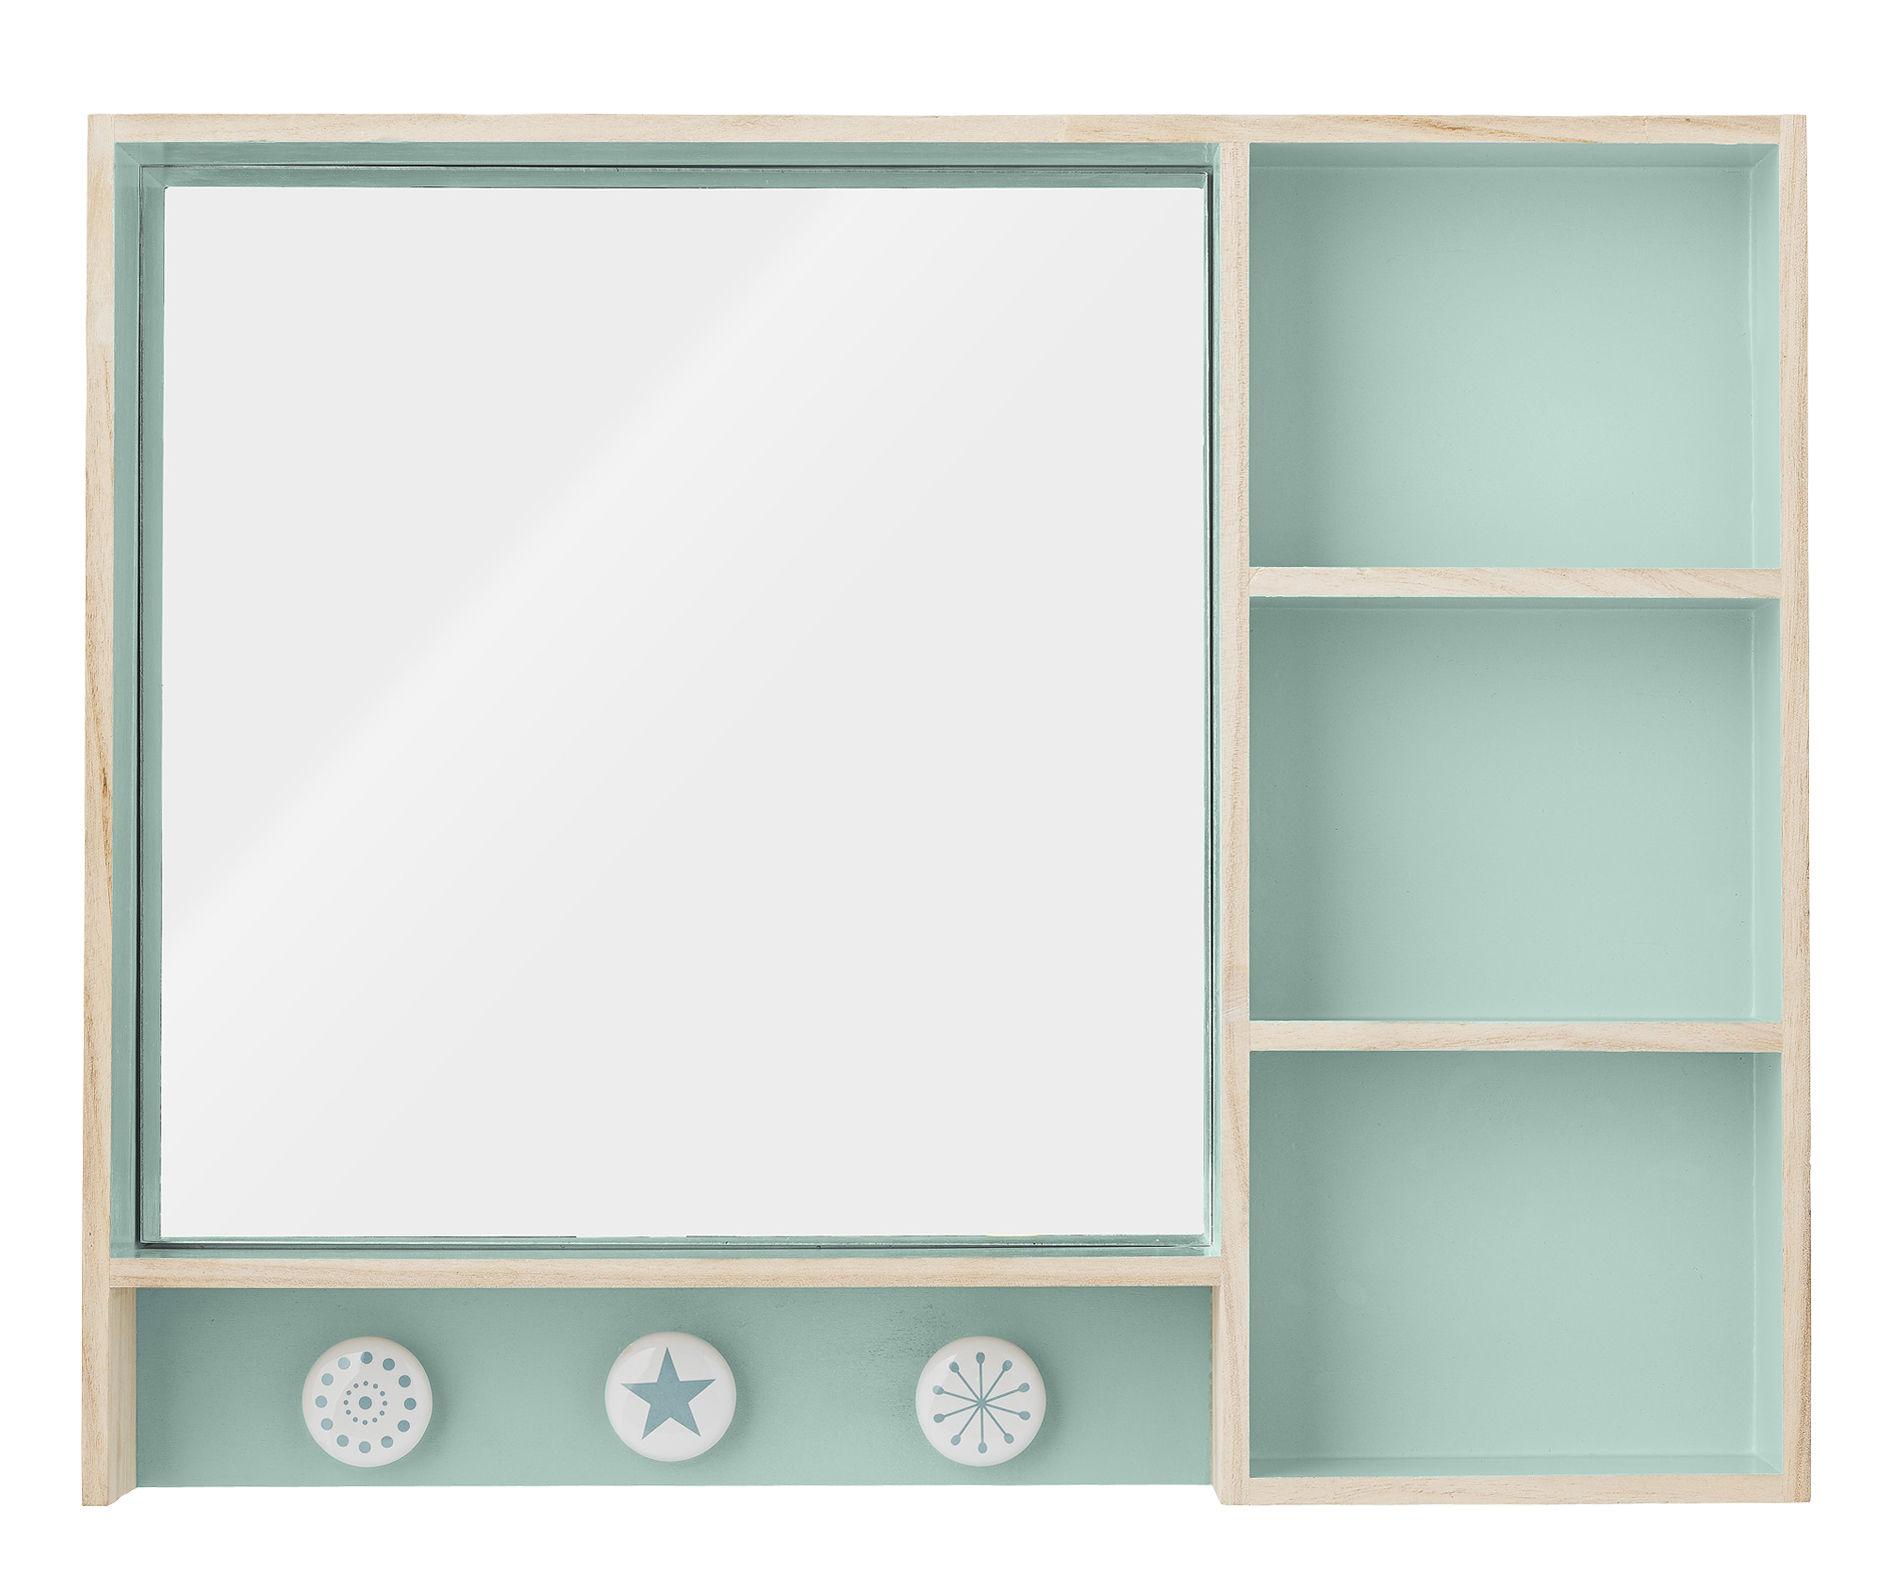 make up l 50 cm x h 40 cm mit integriertem spiegel und garderobenhaken bloomingville regal. Black Bedroom Furniture Sets. Home Design Ideas